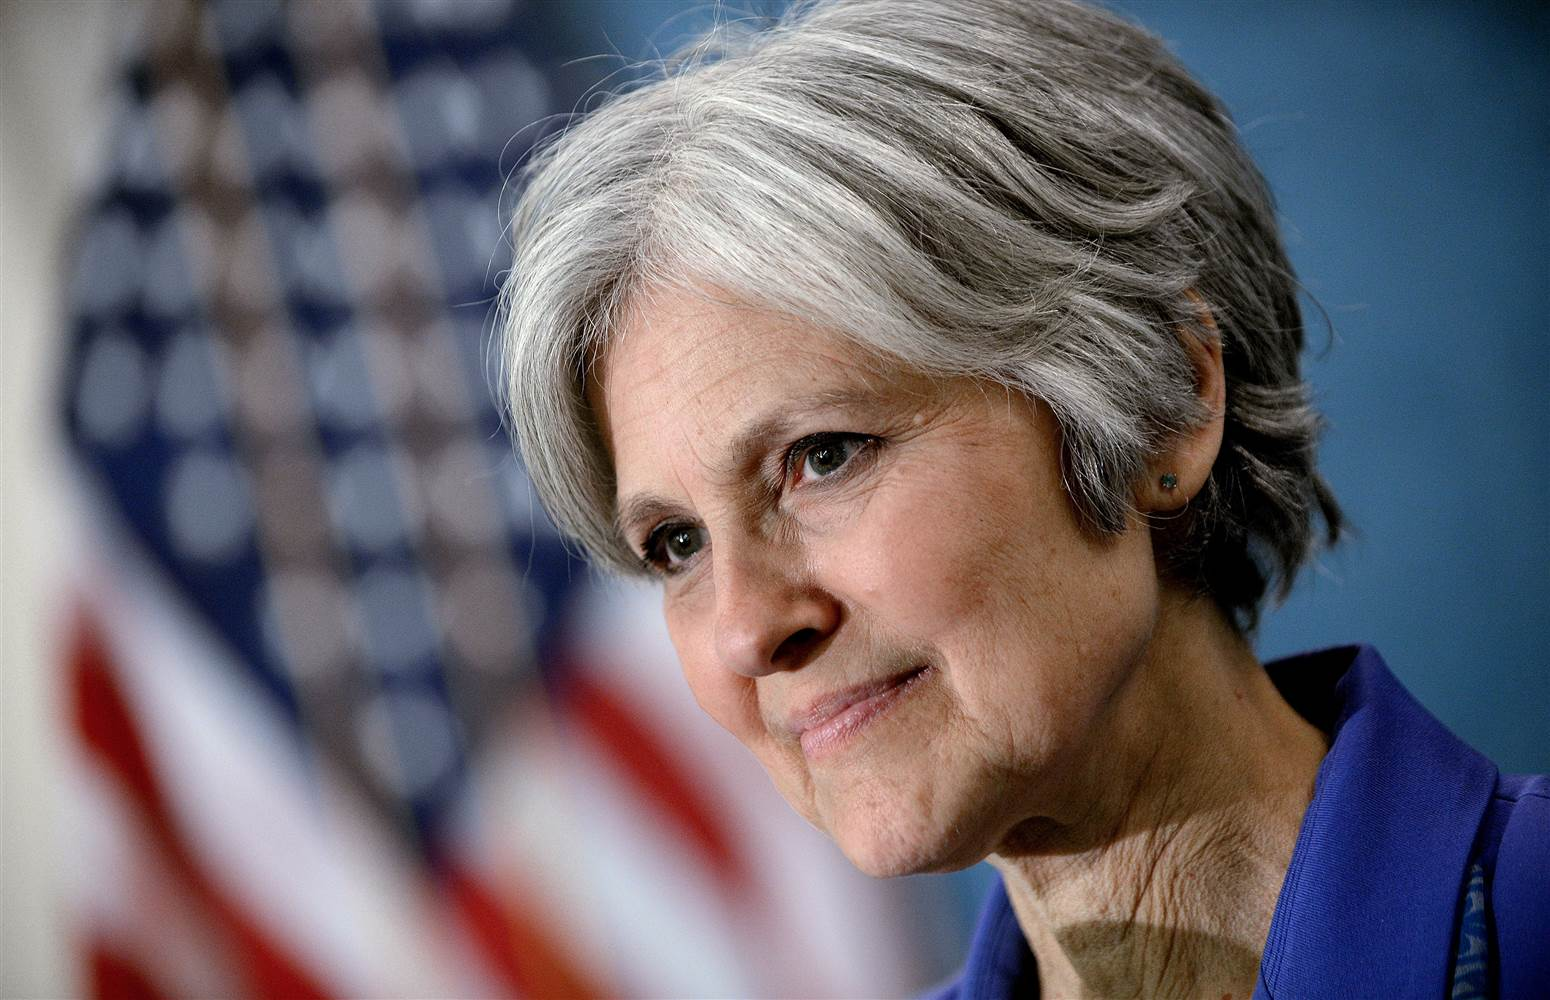 Senate Intel Committee Investigates Jill Stein For Possible Russia Collusion